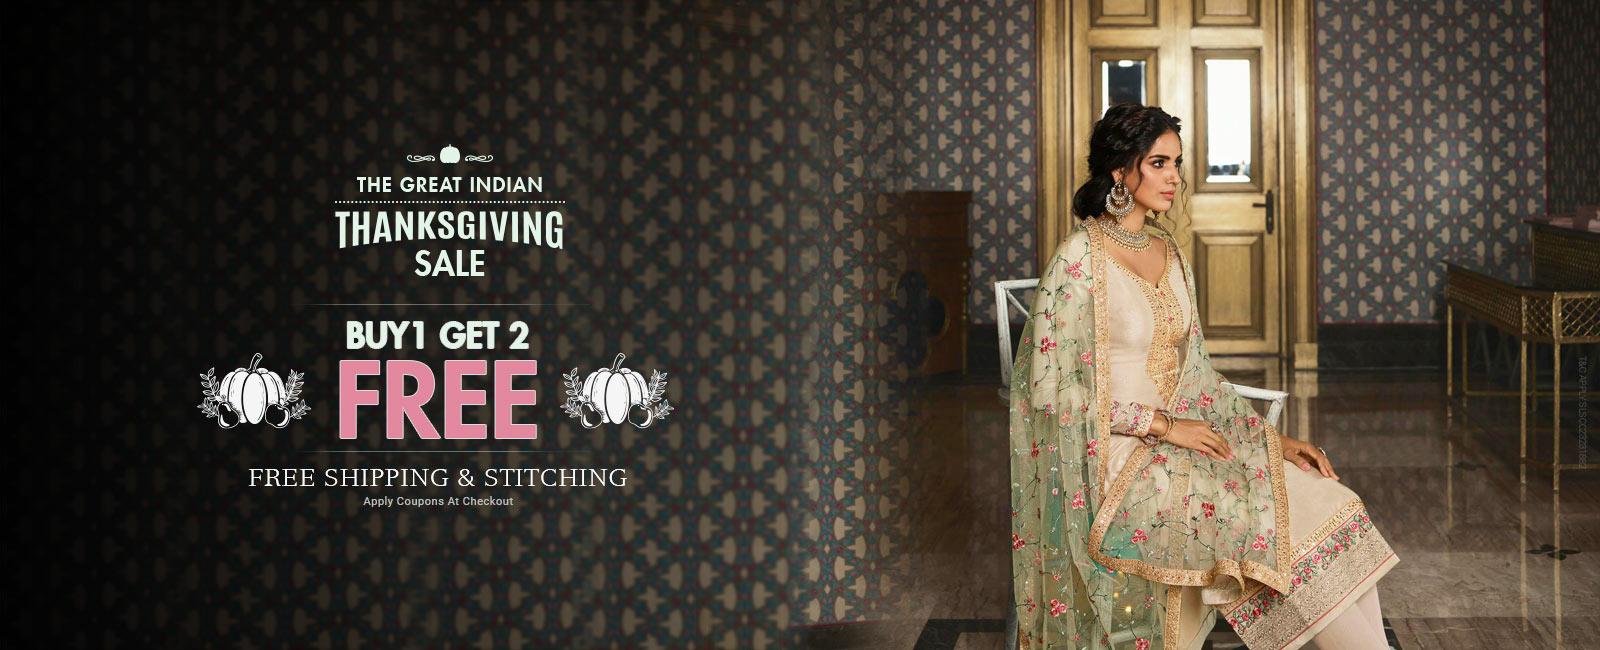 Buy 1 Get 2 Free + Free shipping & stitching